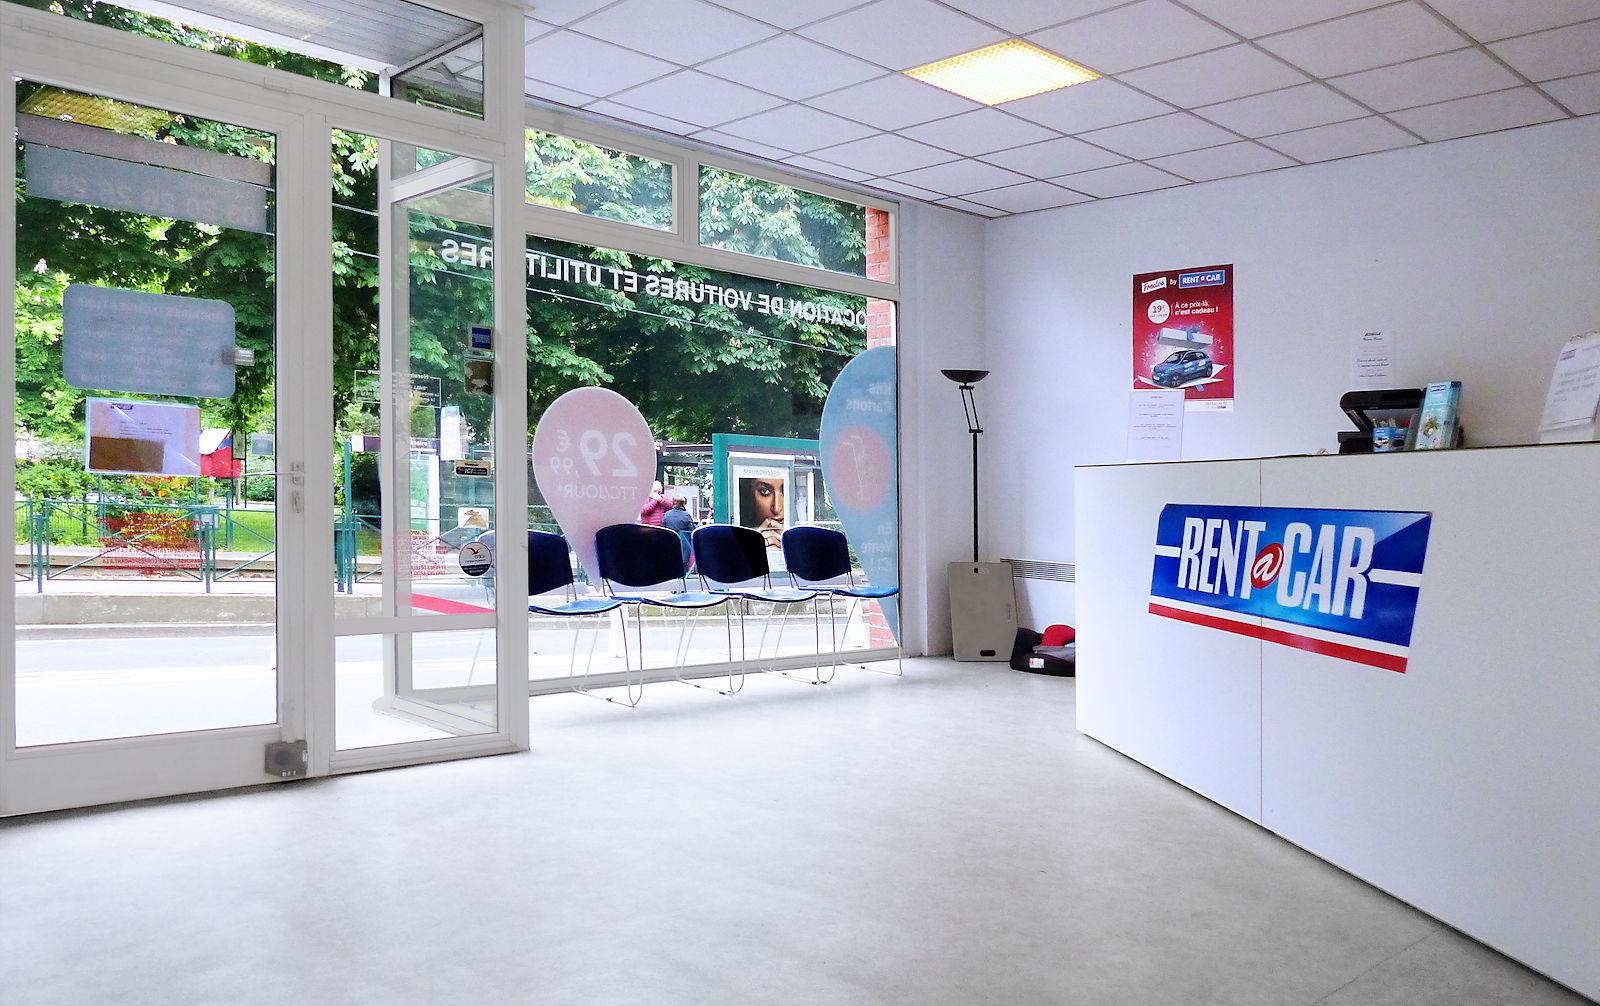 Rent a Car Tourcoing - Accueil clientèle.